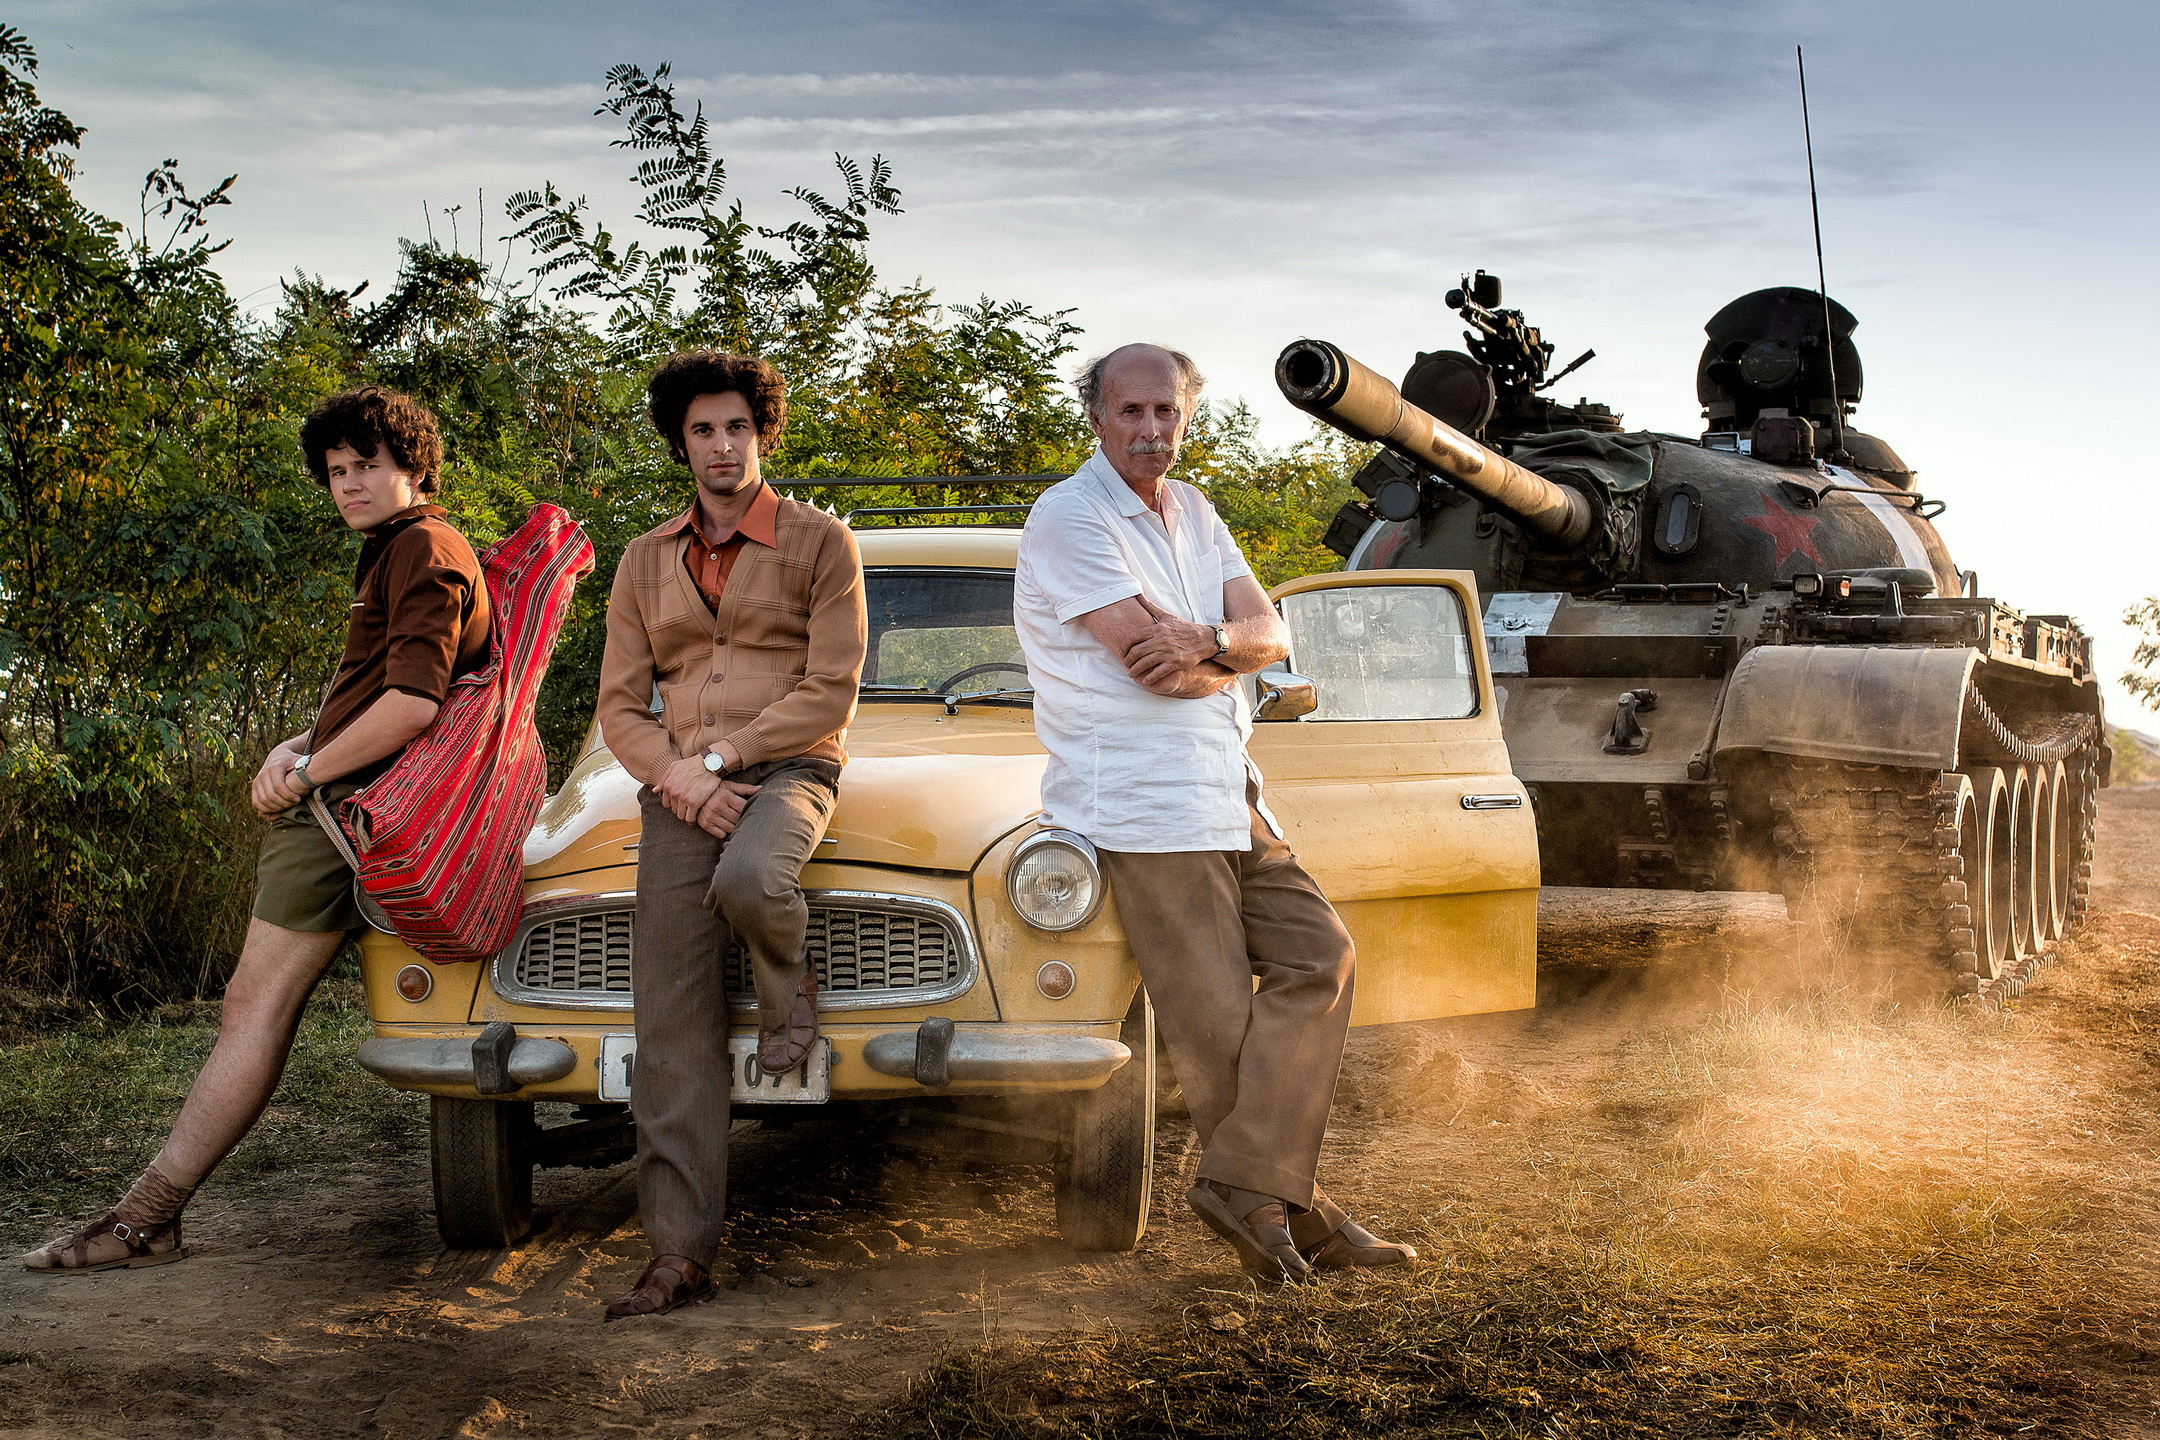 die-reise-mit-vater-2016-film